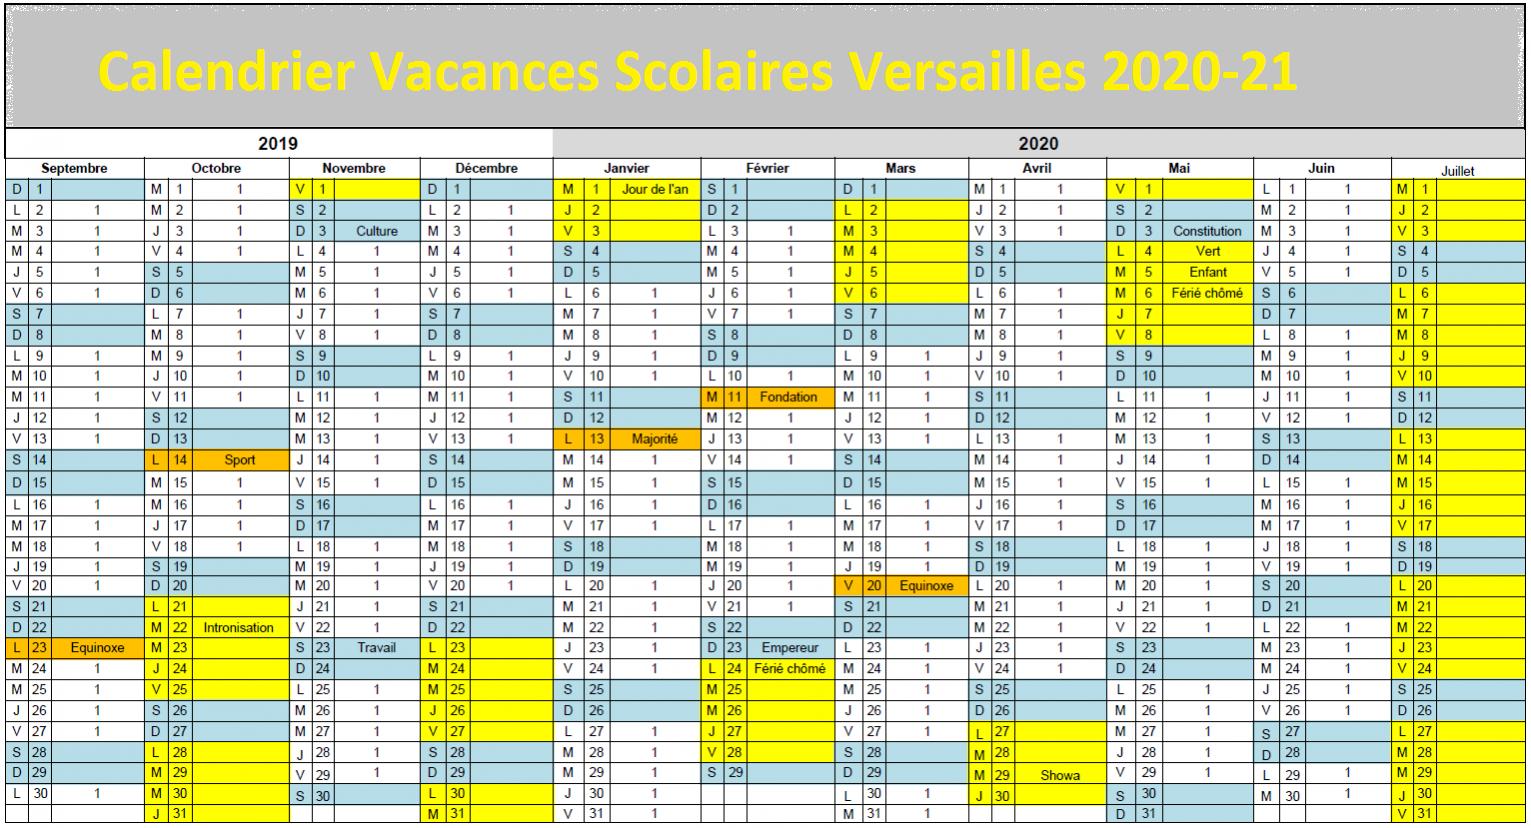 Versailles Calendrier scolaire 2020-2021 à Imprimer